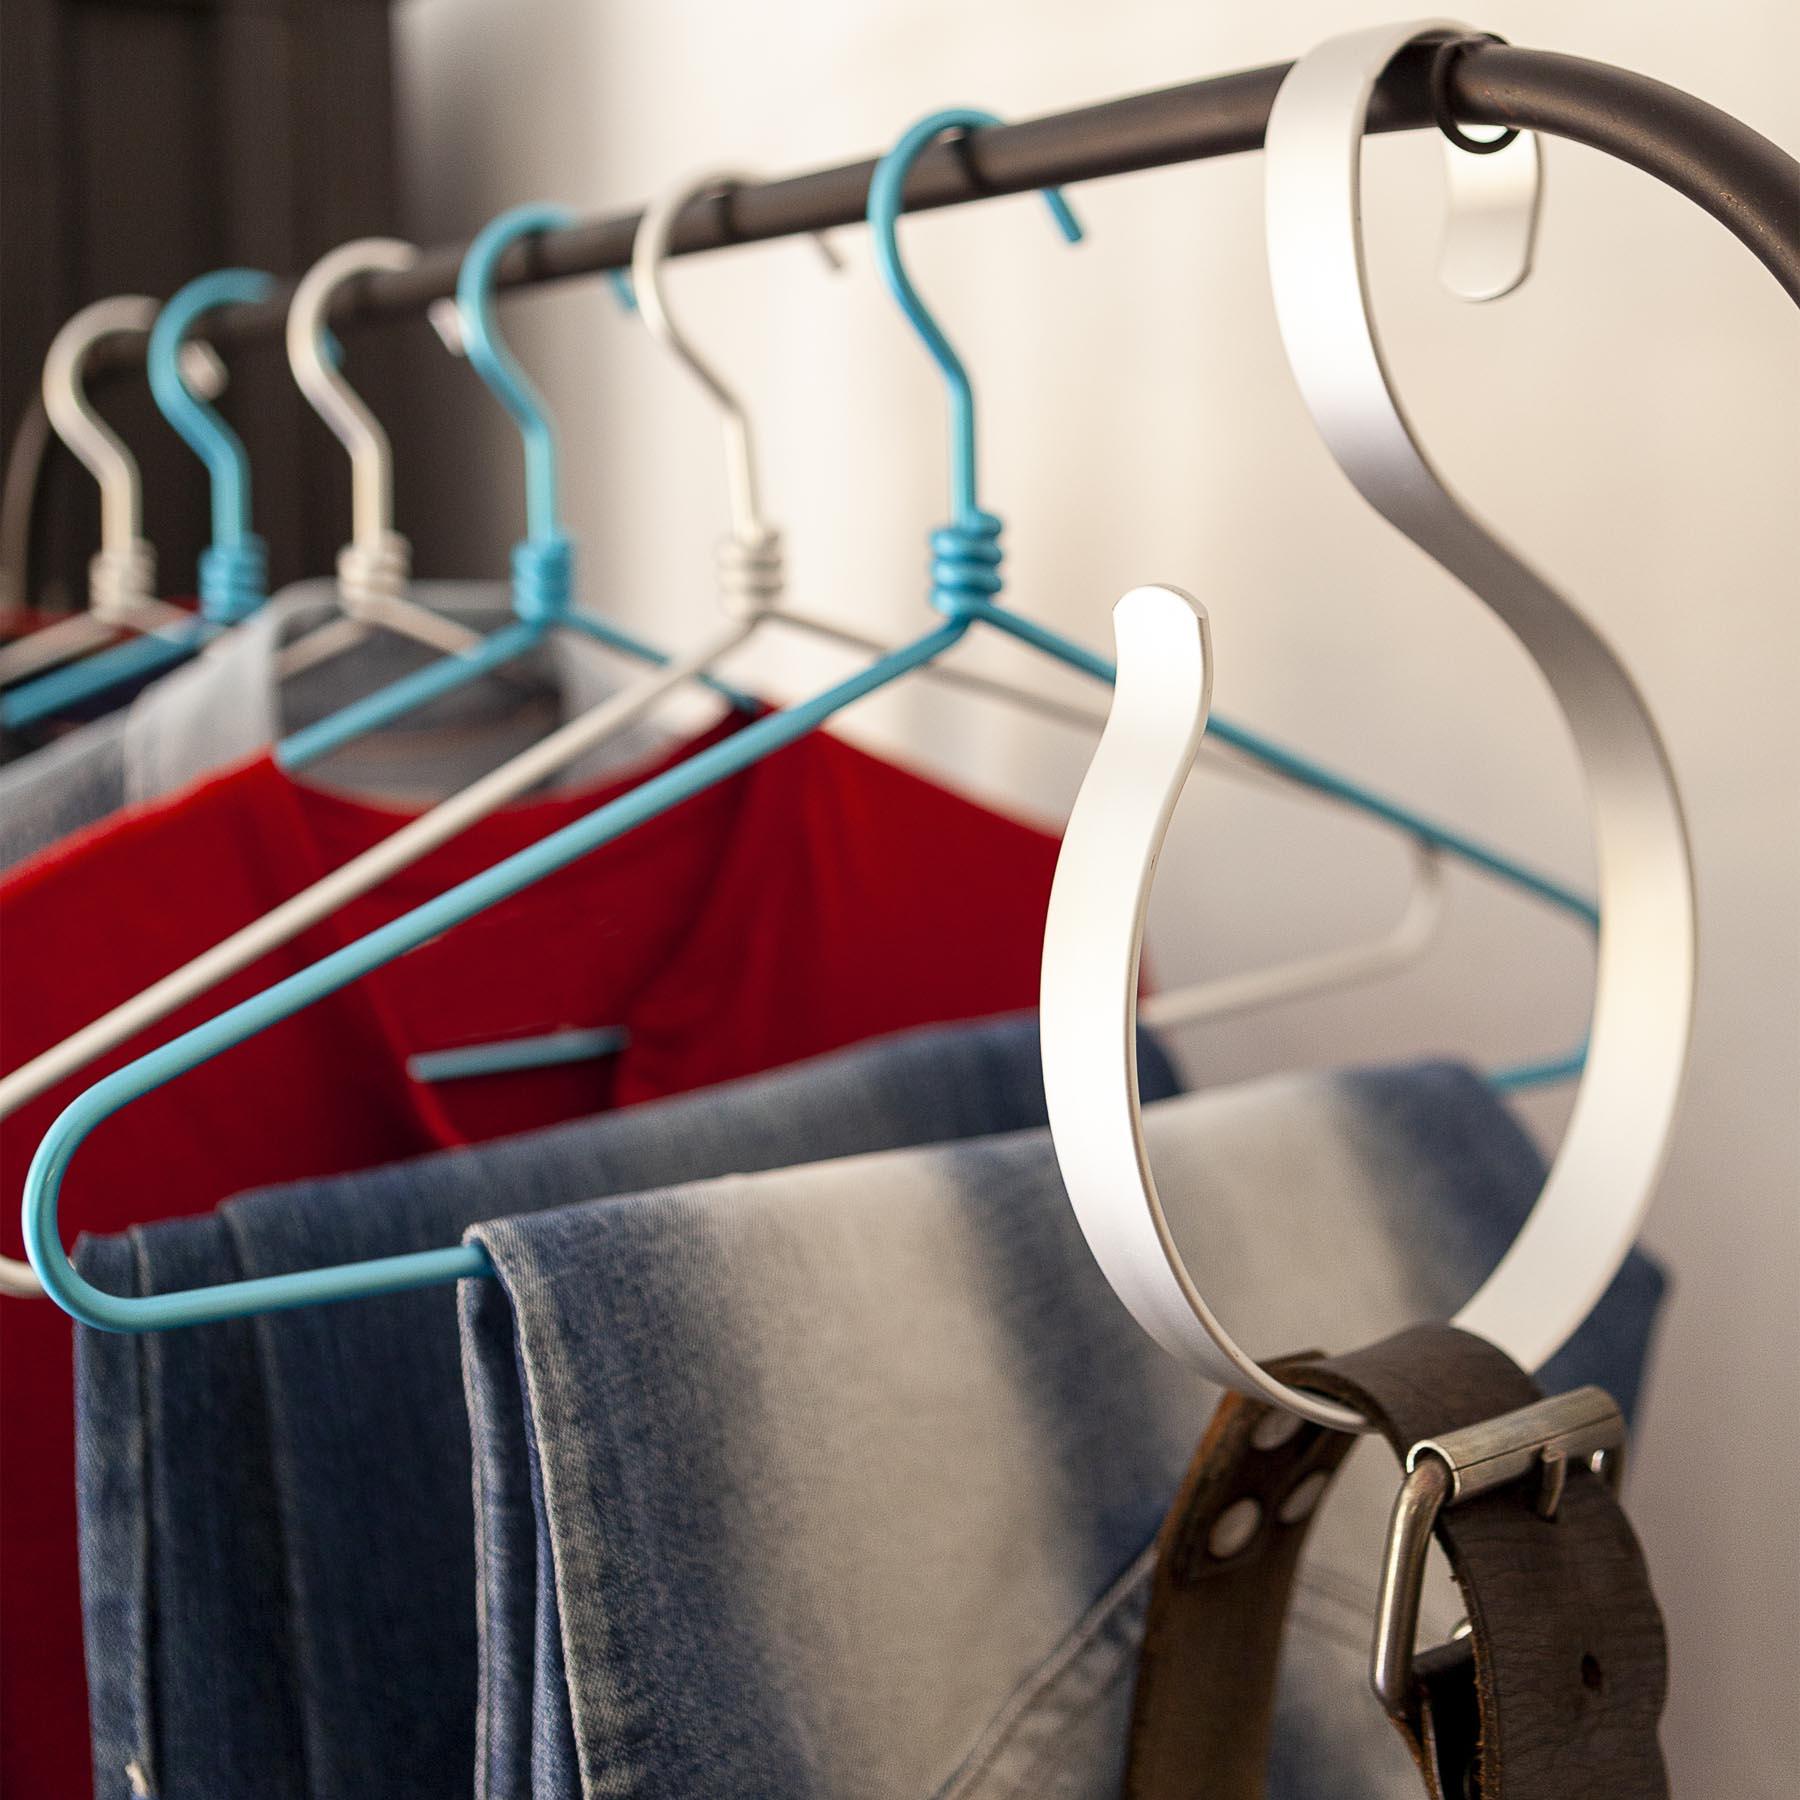 5 cintres en aluminium multifonction pour suspendre les ceintures, foulards, chèches, etc.